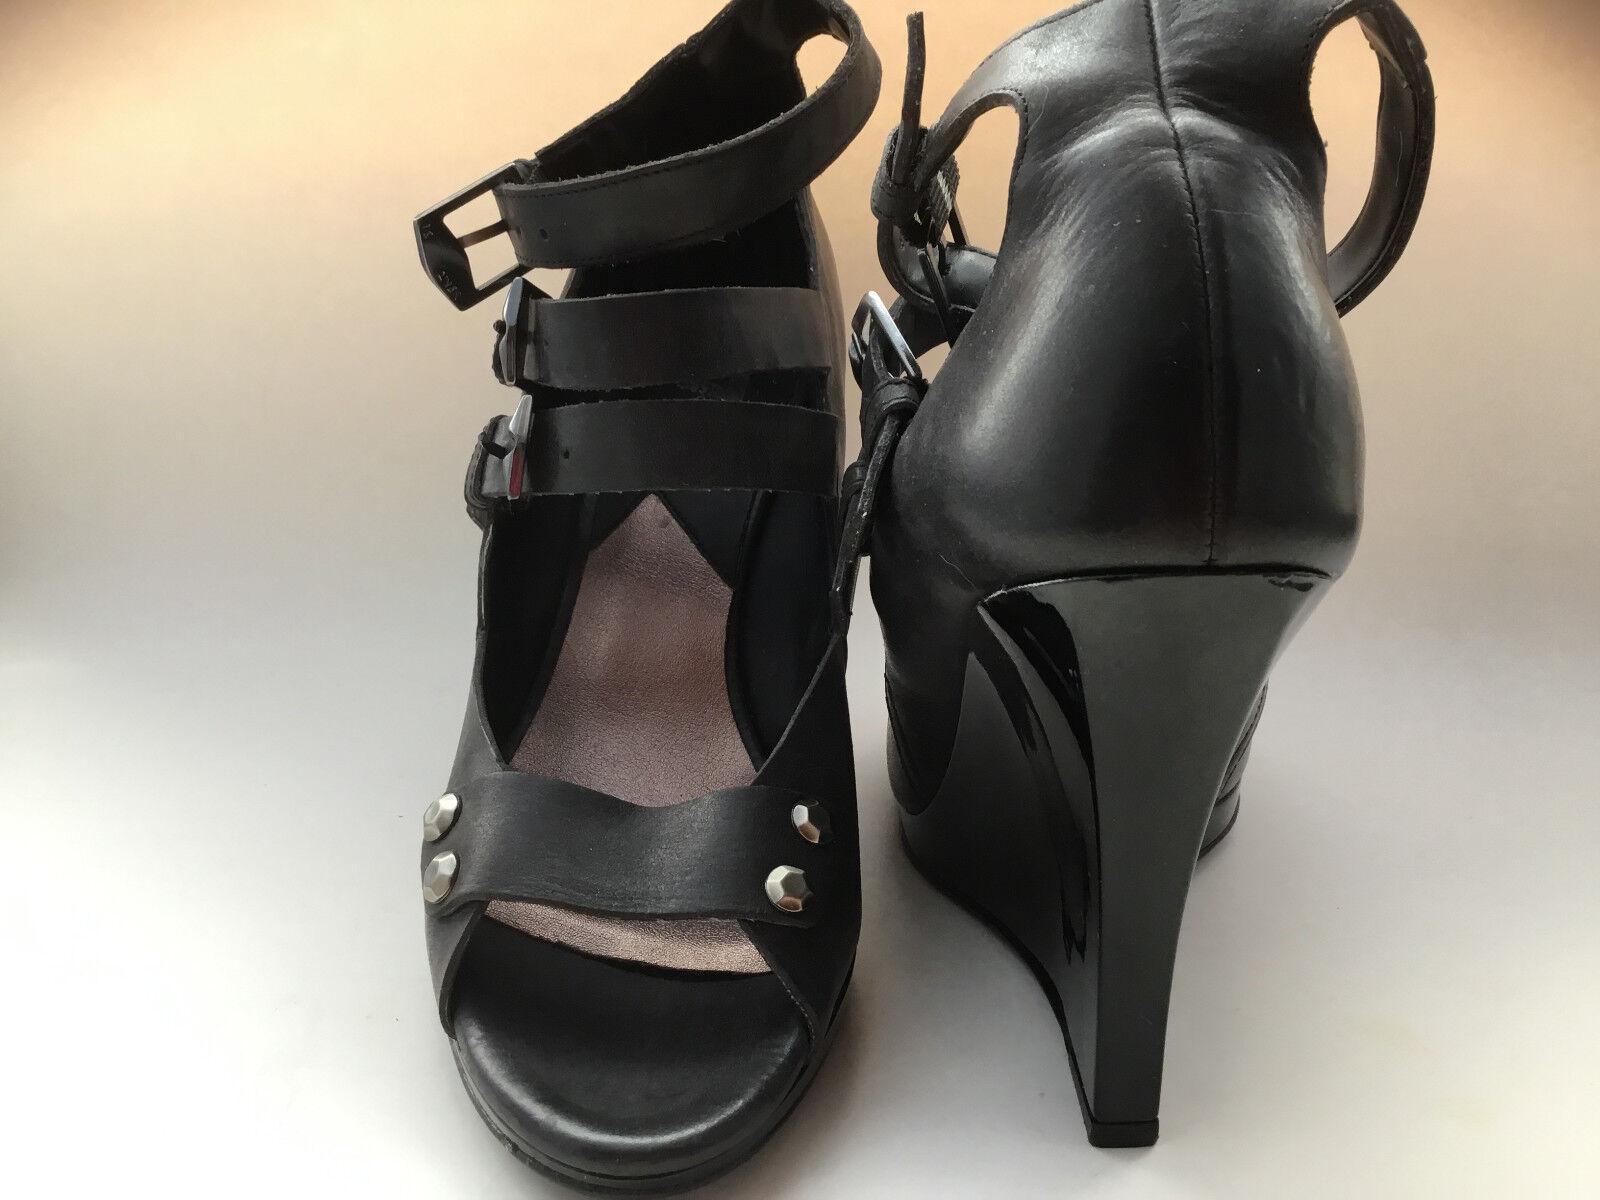 7 FOR ALL MANKIND High Heel Black Platform shoes Sandals.Leather SZ 6.5.